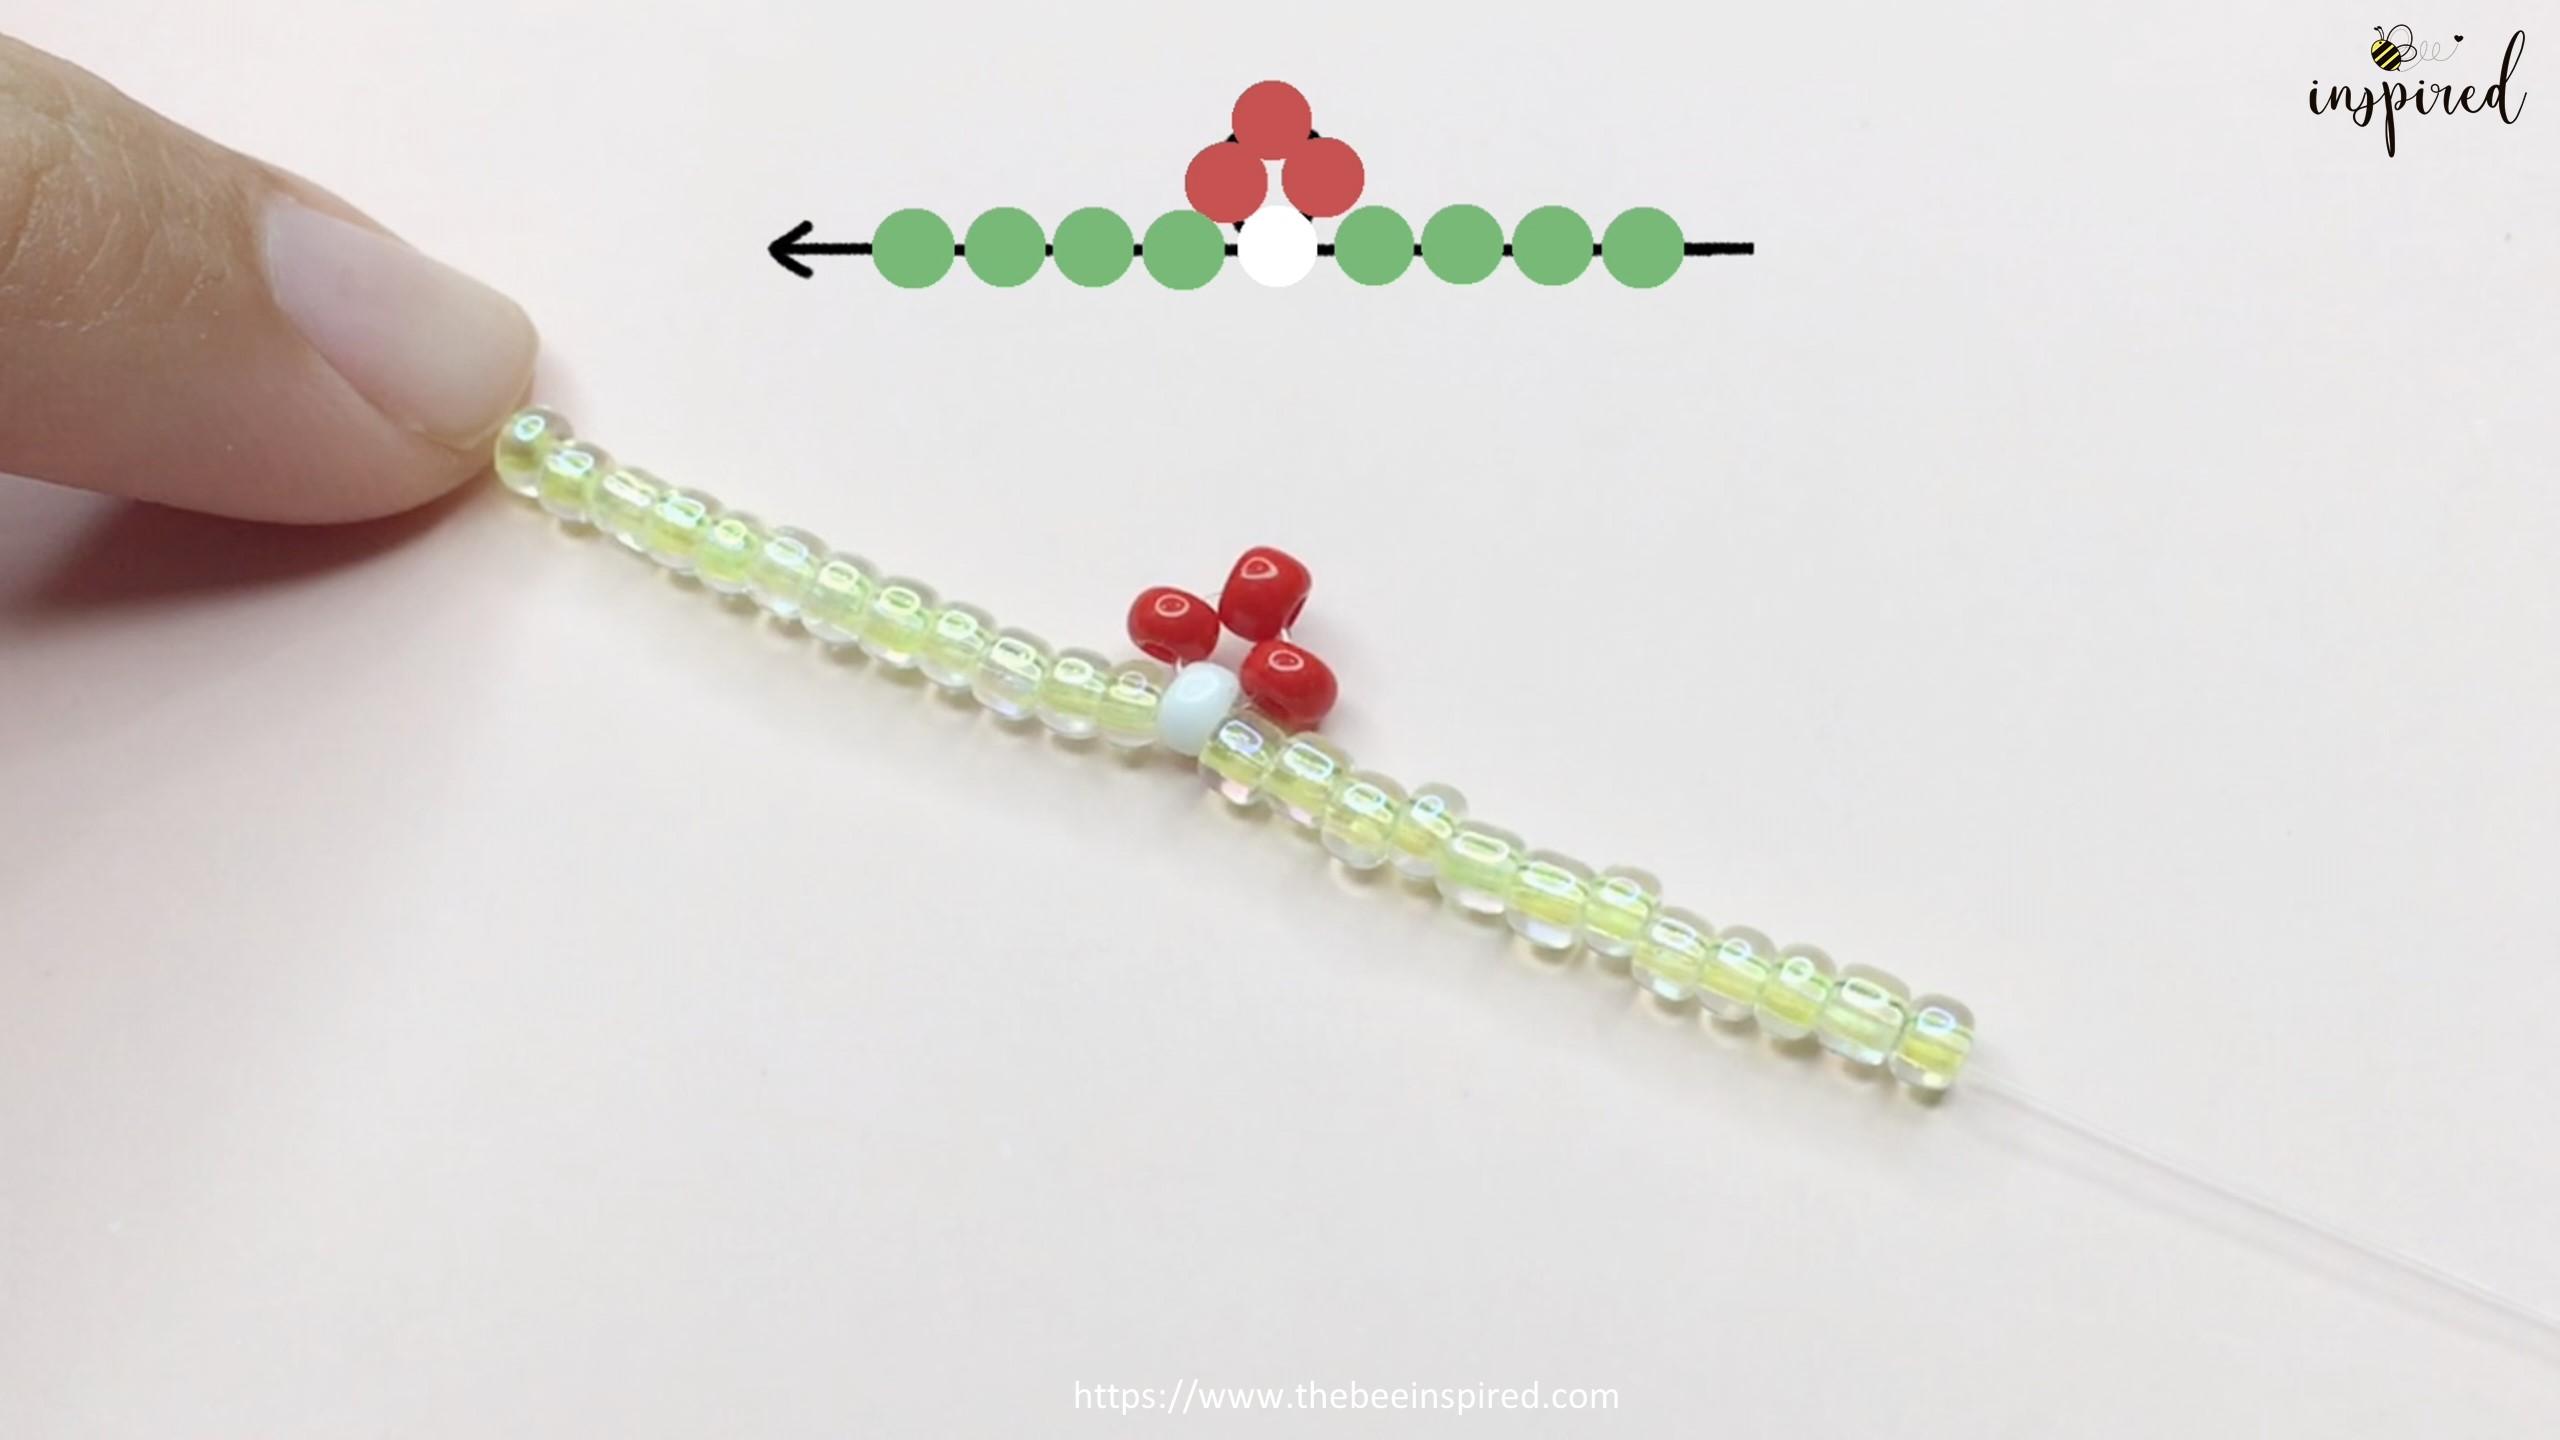 สอนร้อยแหวนลูกปัดลายเห็ด ทำง่ายๆ สไตล์เกาหลี - How to Make Mushroom Beaded Ring_9